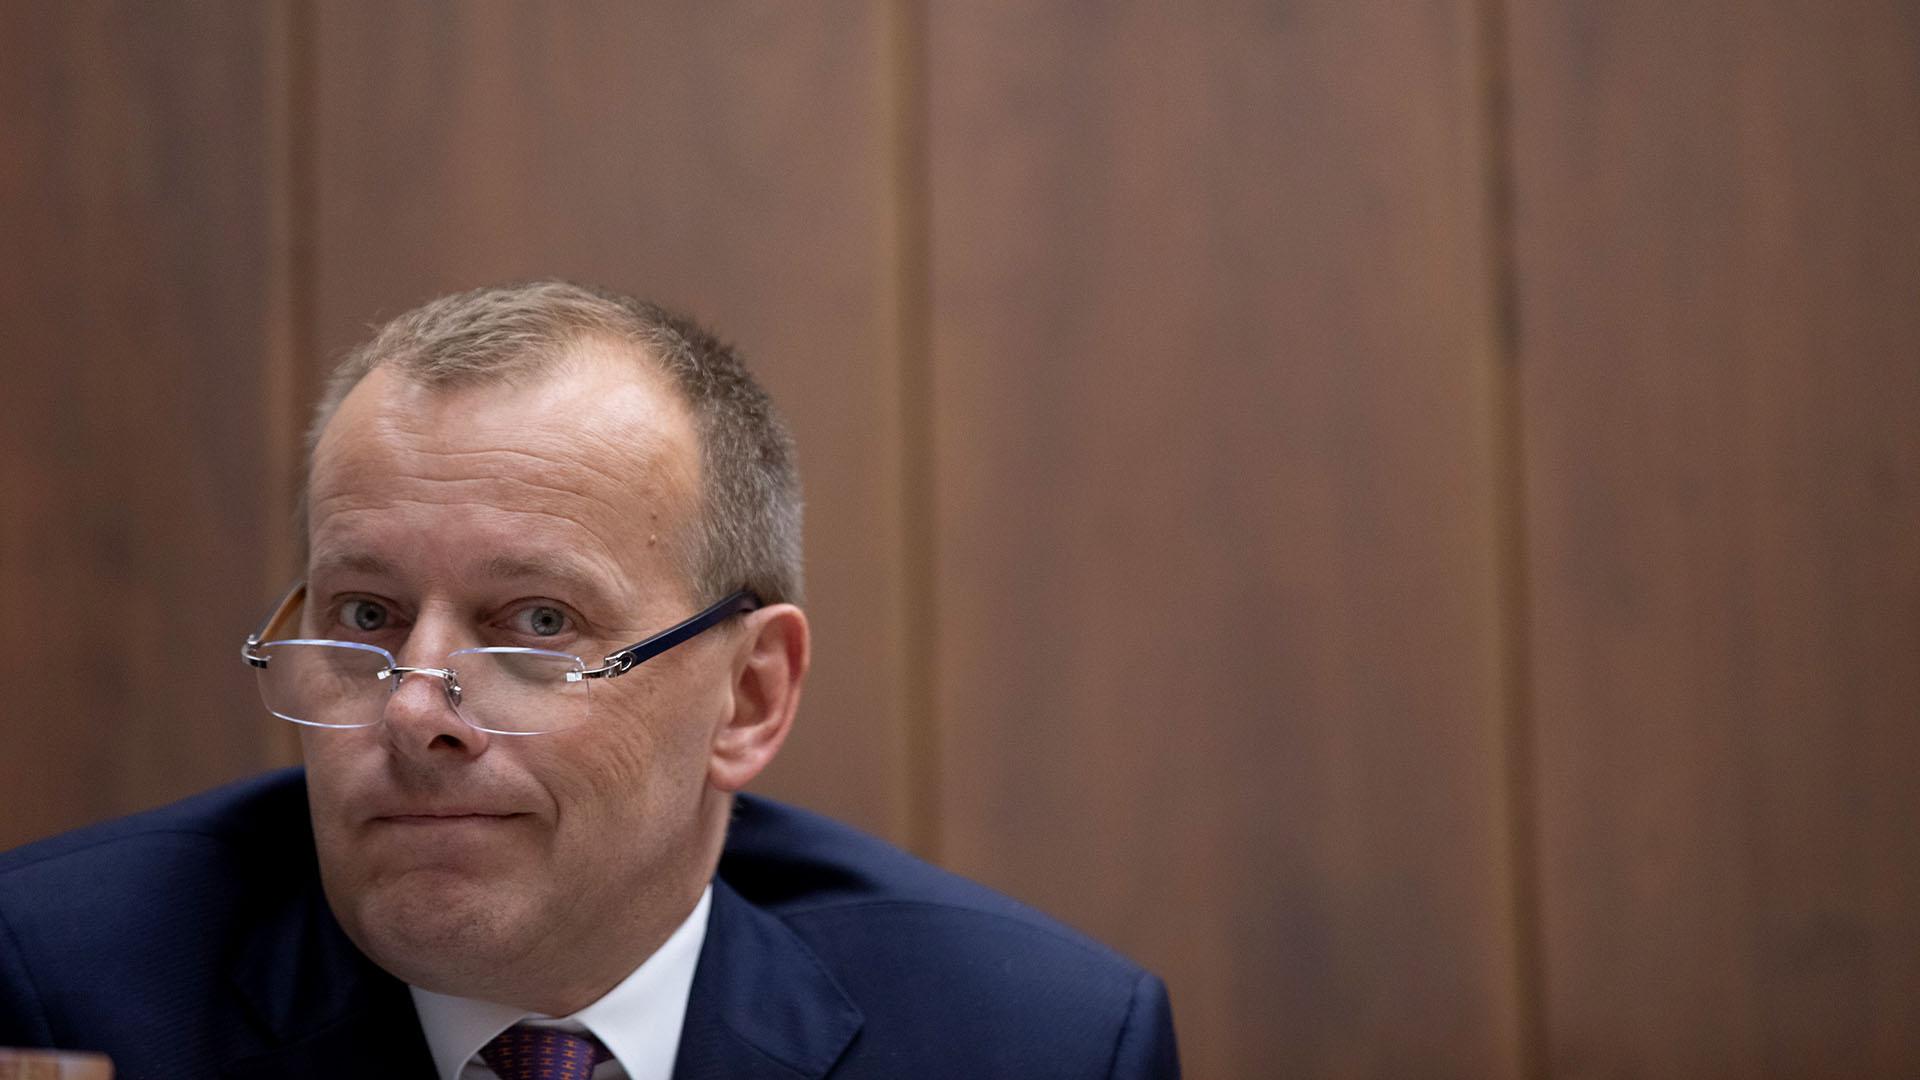 """Podpredseda Kollárovej Sme rodina po neúspechu v euroboľbách prestúpil do konkurenčnej strany. """"Rozišli sme sa korektne,"""" komentuje Kollár"""